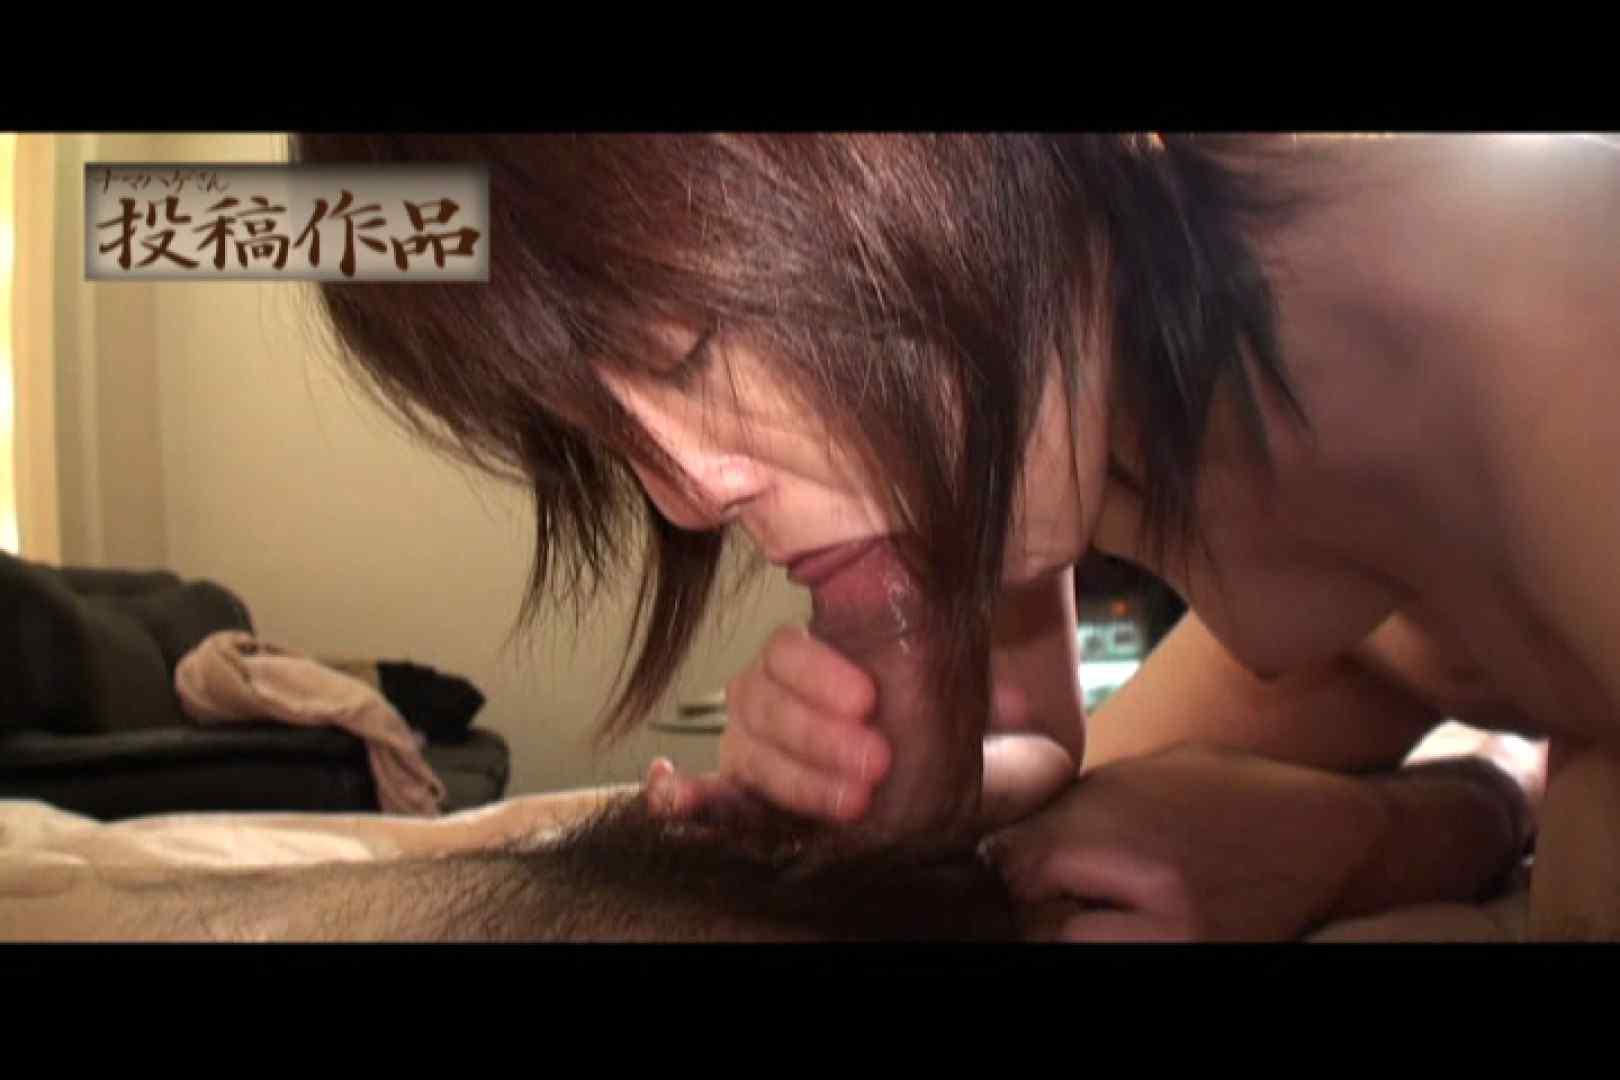 ナマハゲさんのまんこコレクションmayumi02 パイパン映像 | 一般投稿  106pic 49